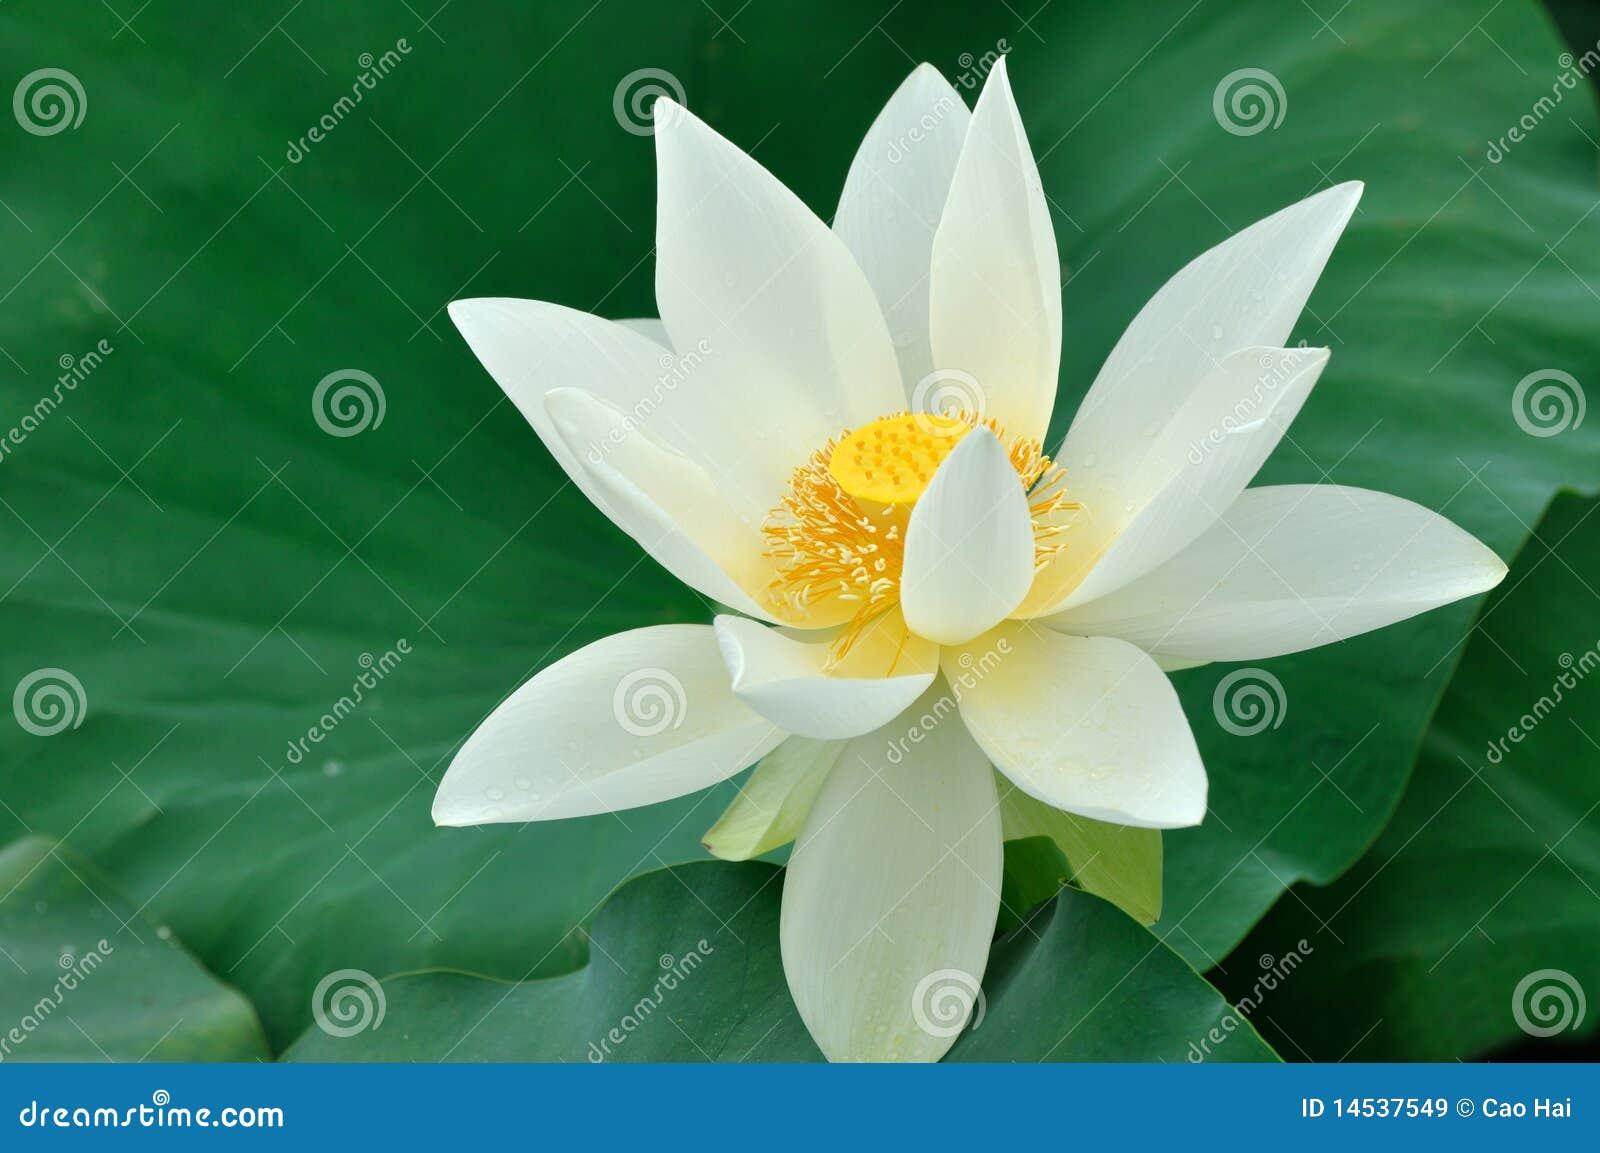 White Lotus Flower Stock Image Image Of Green Lotus 14537549